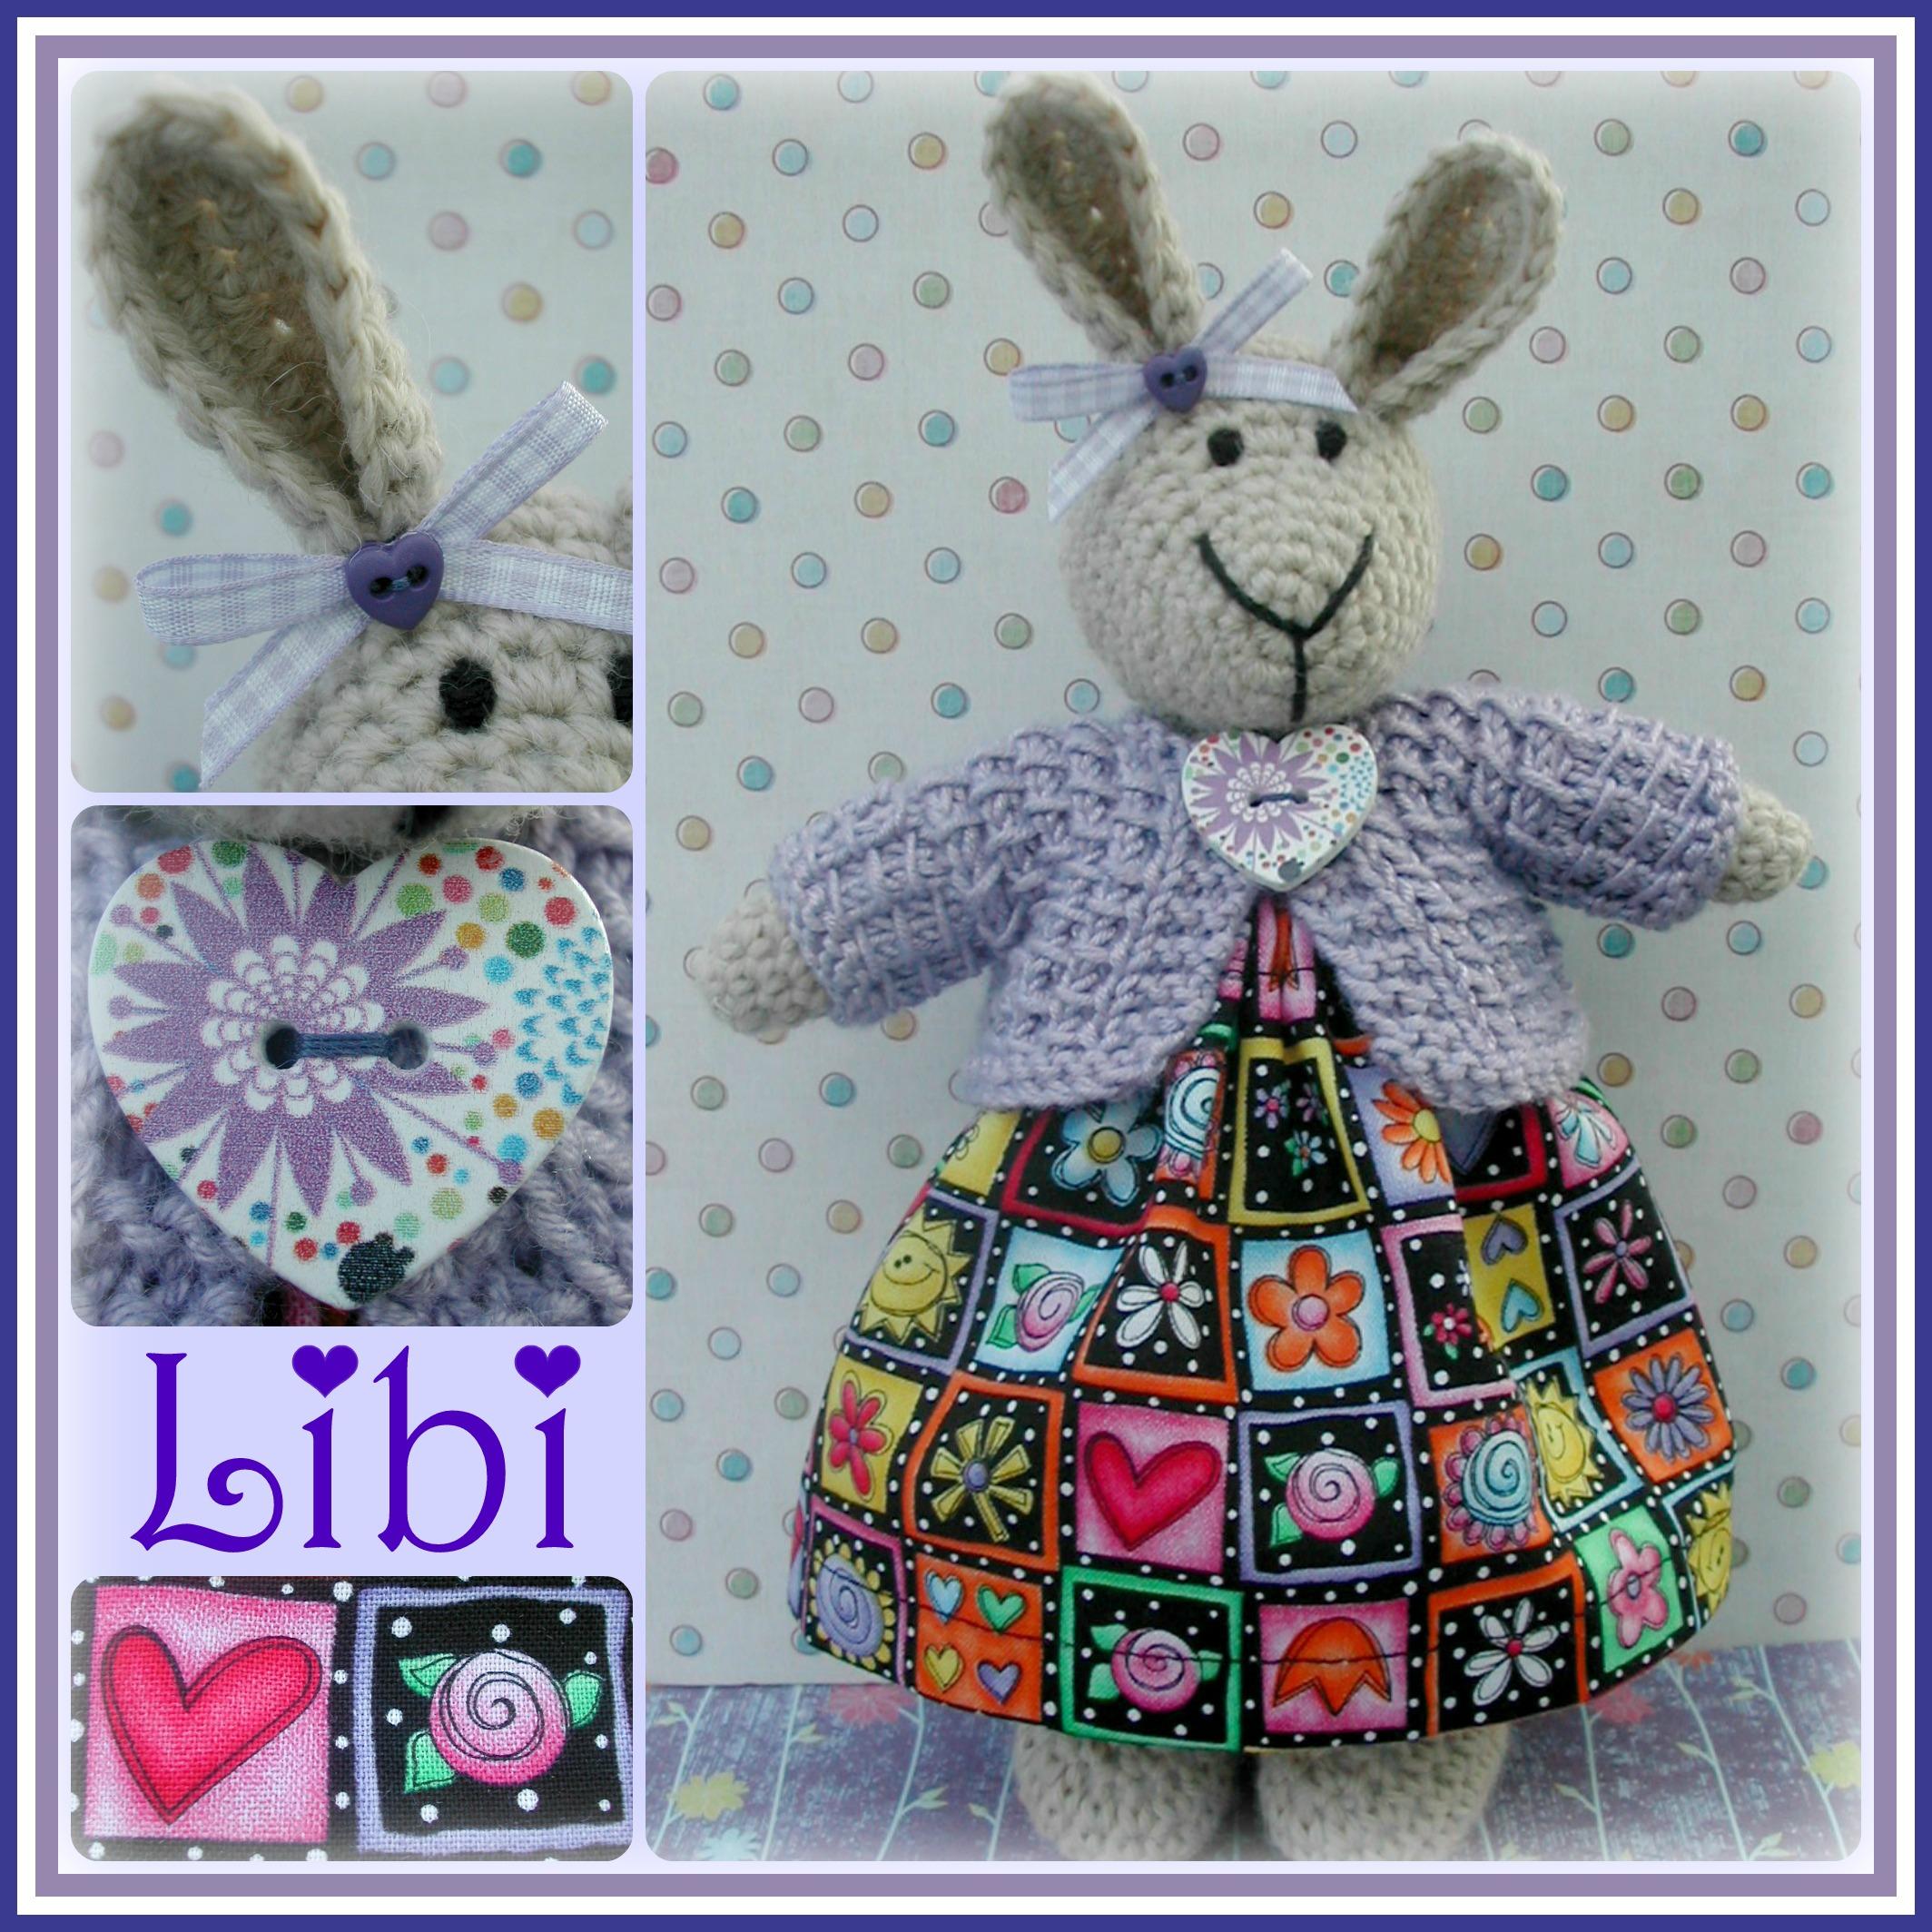 Libi Collage